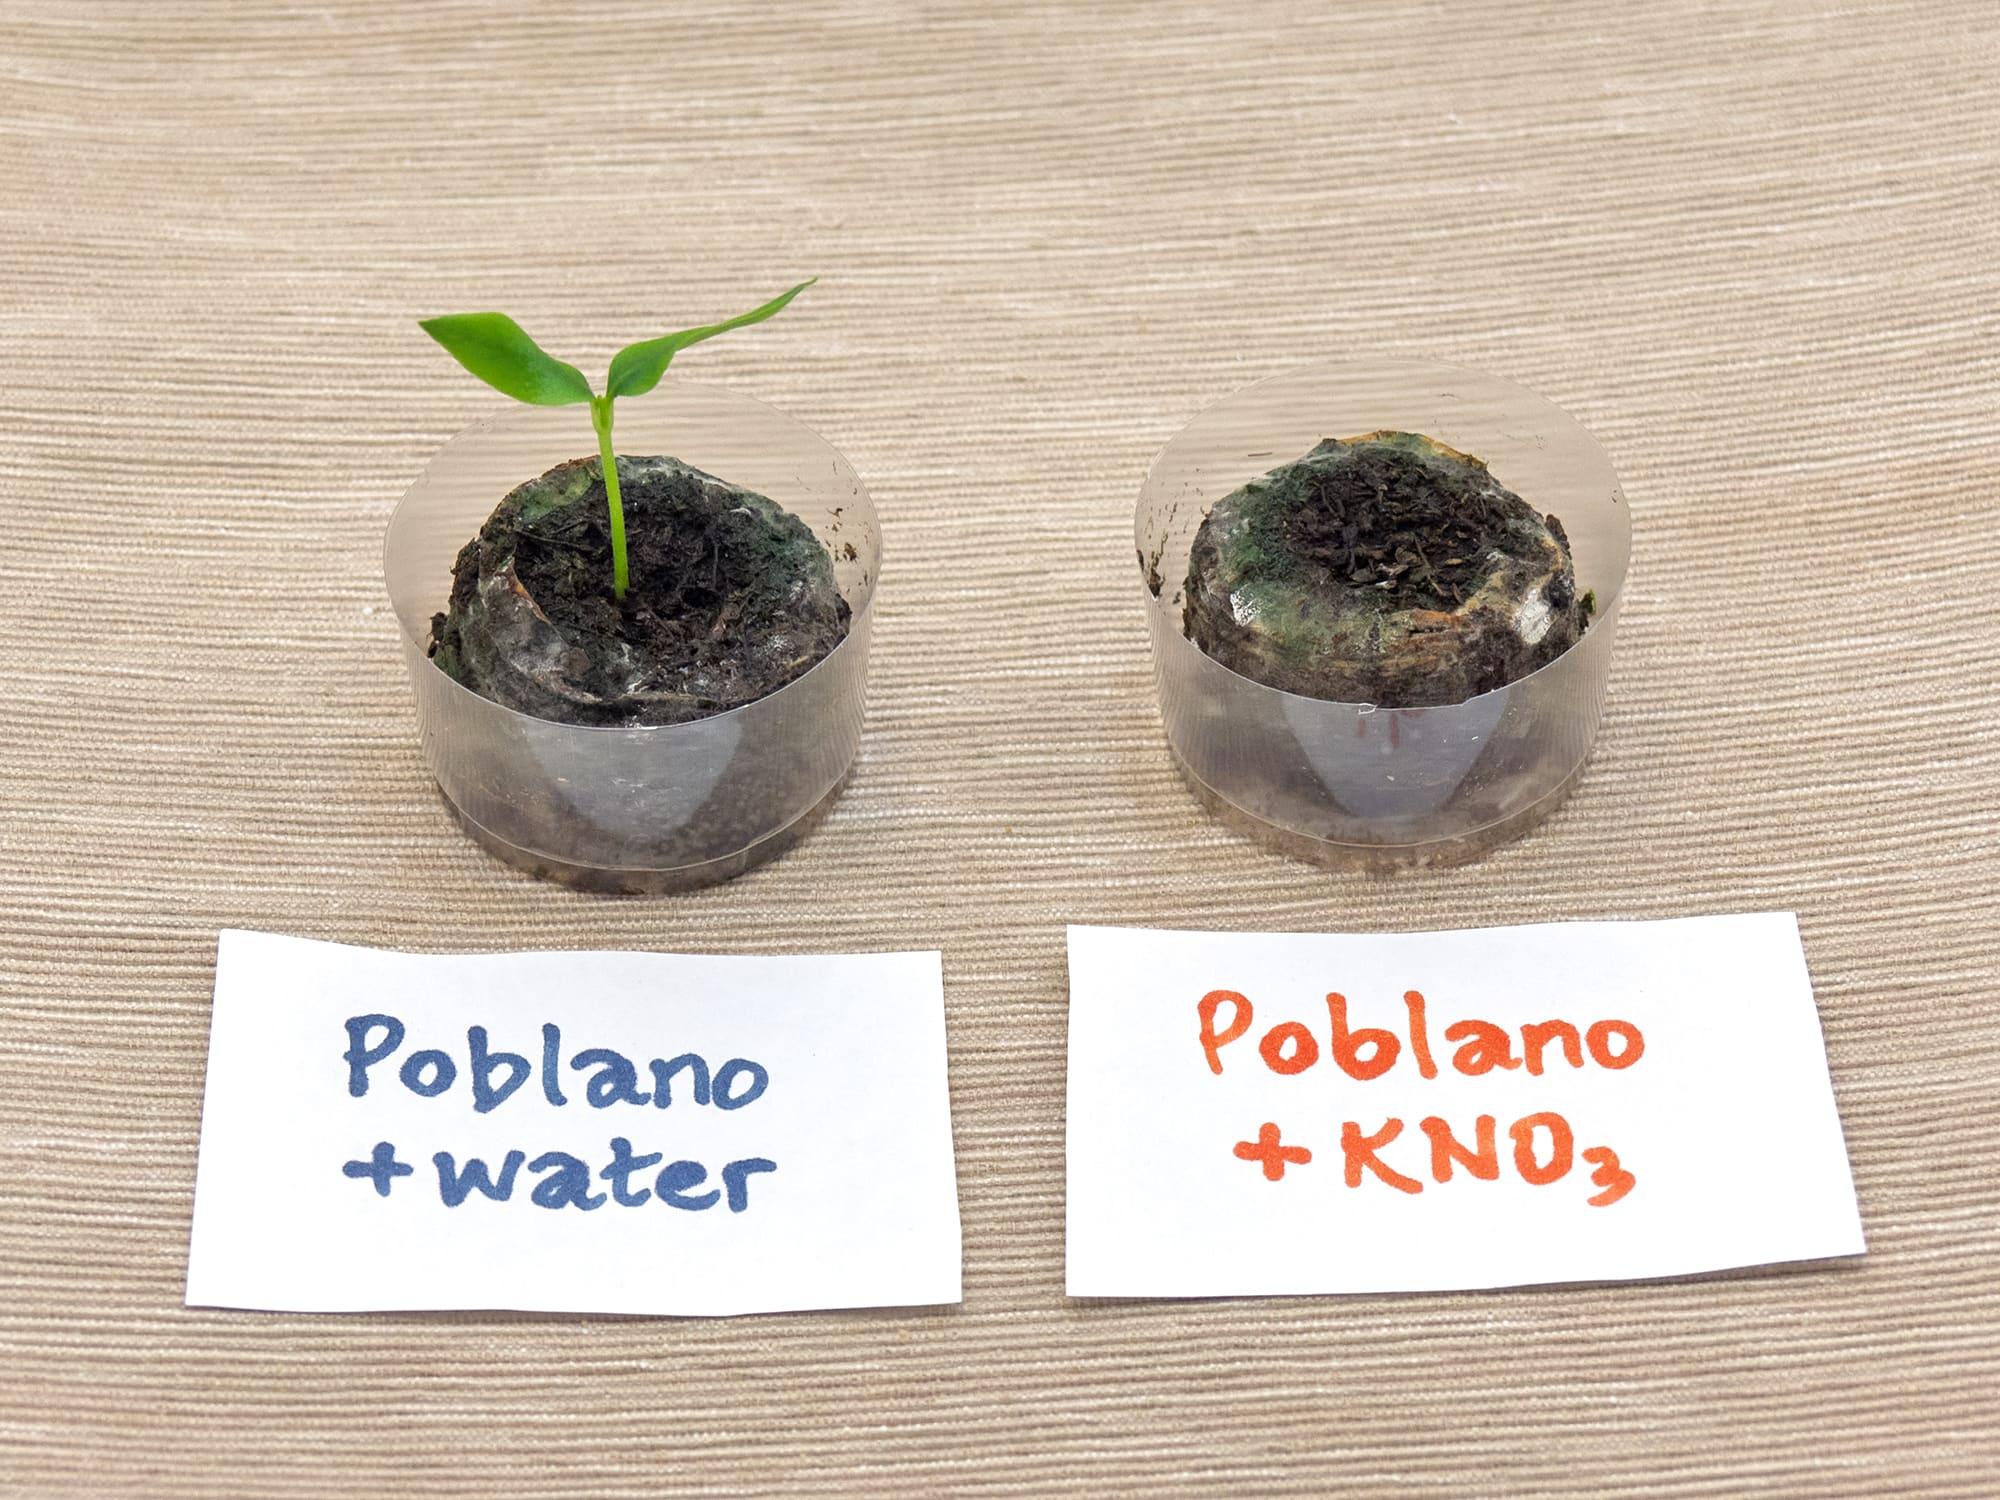 Ускоритель прорастания семян. Тест на перцах Поблано